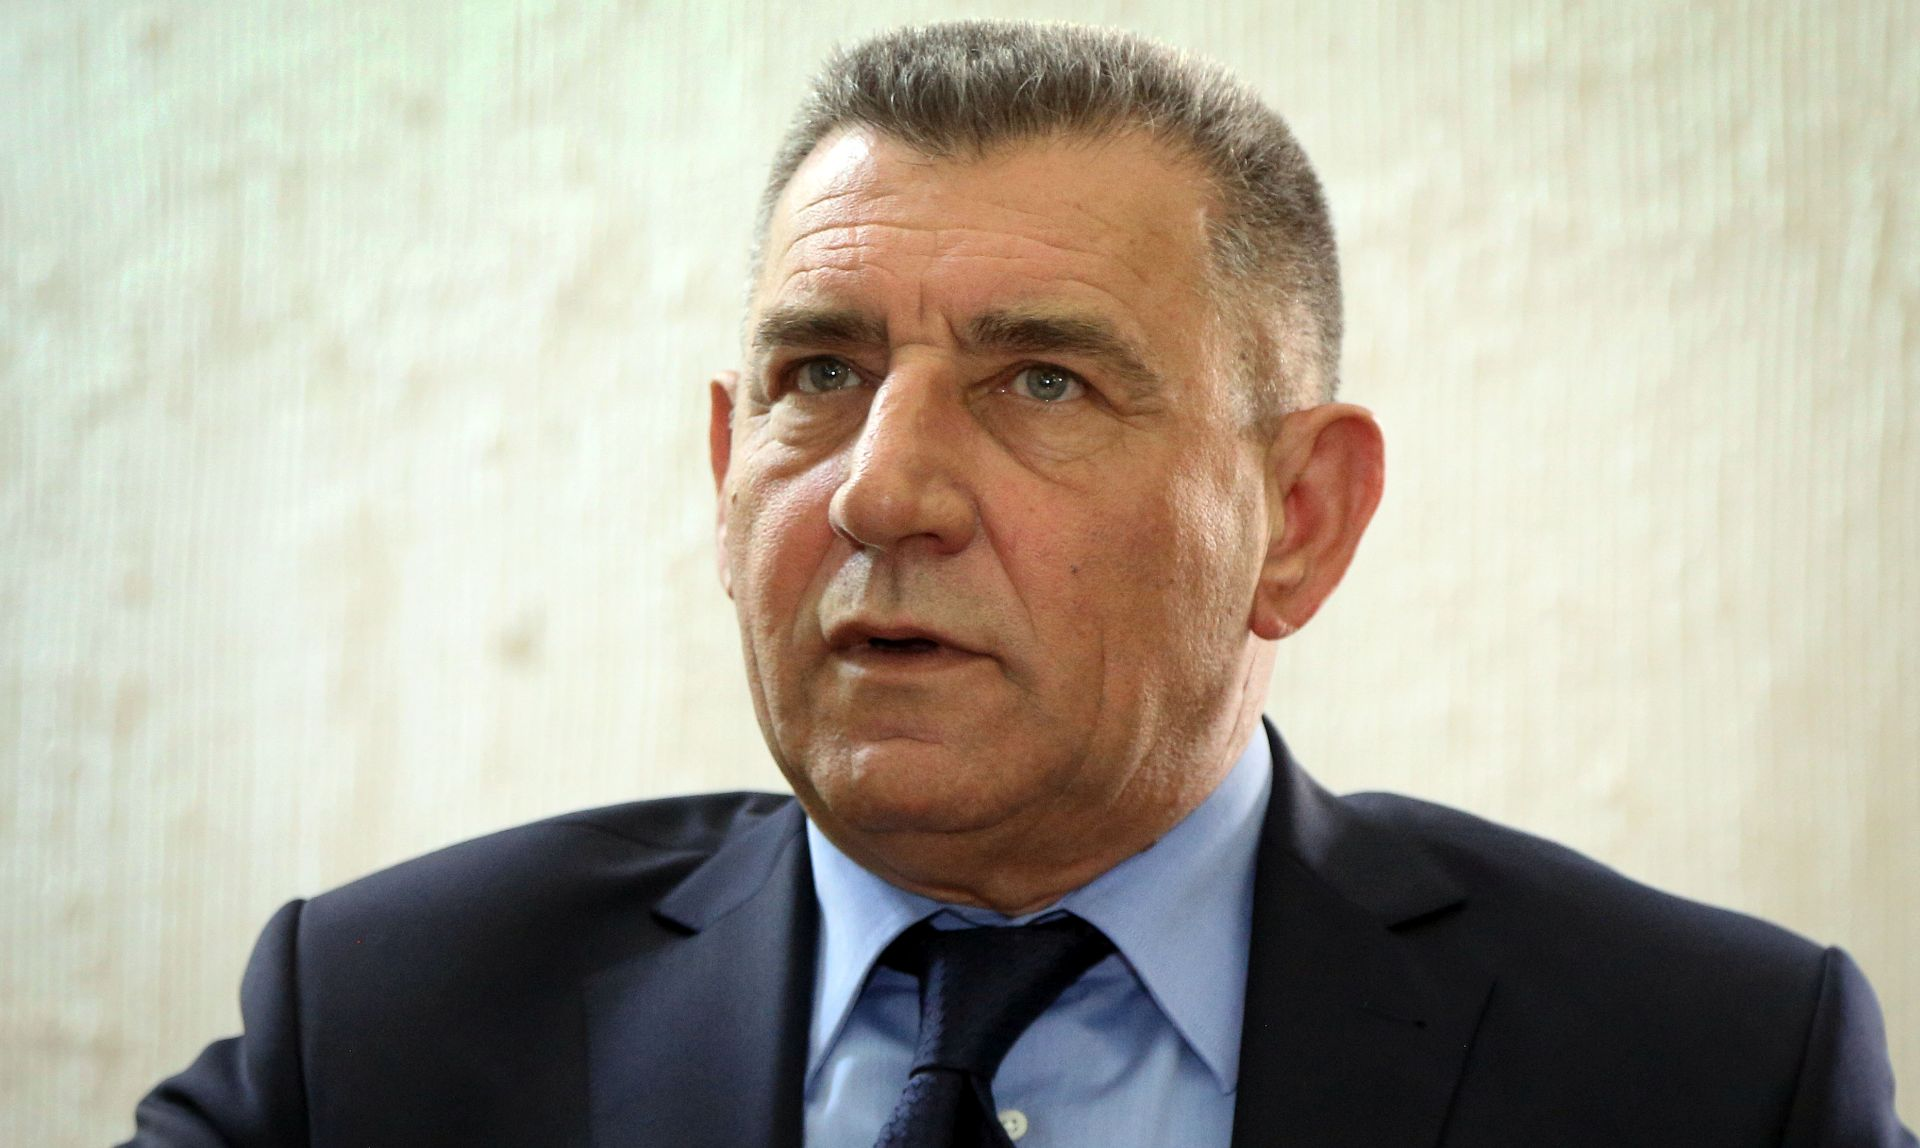 BIH Policija u Trebinju prijavila generala Gotovinu zbog navodnih ratnih zločina